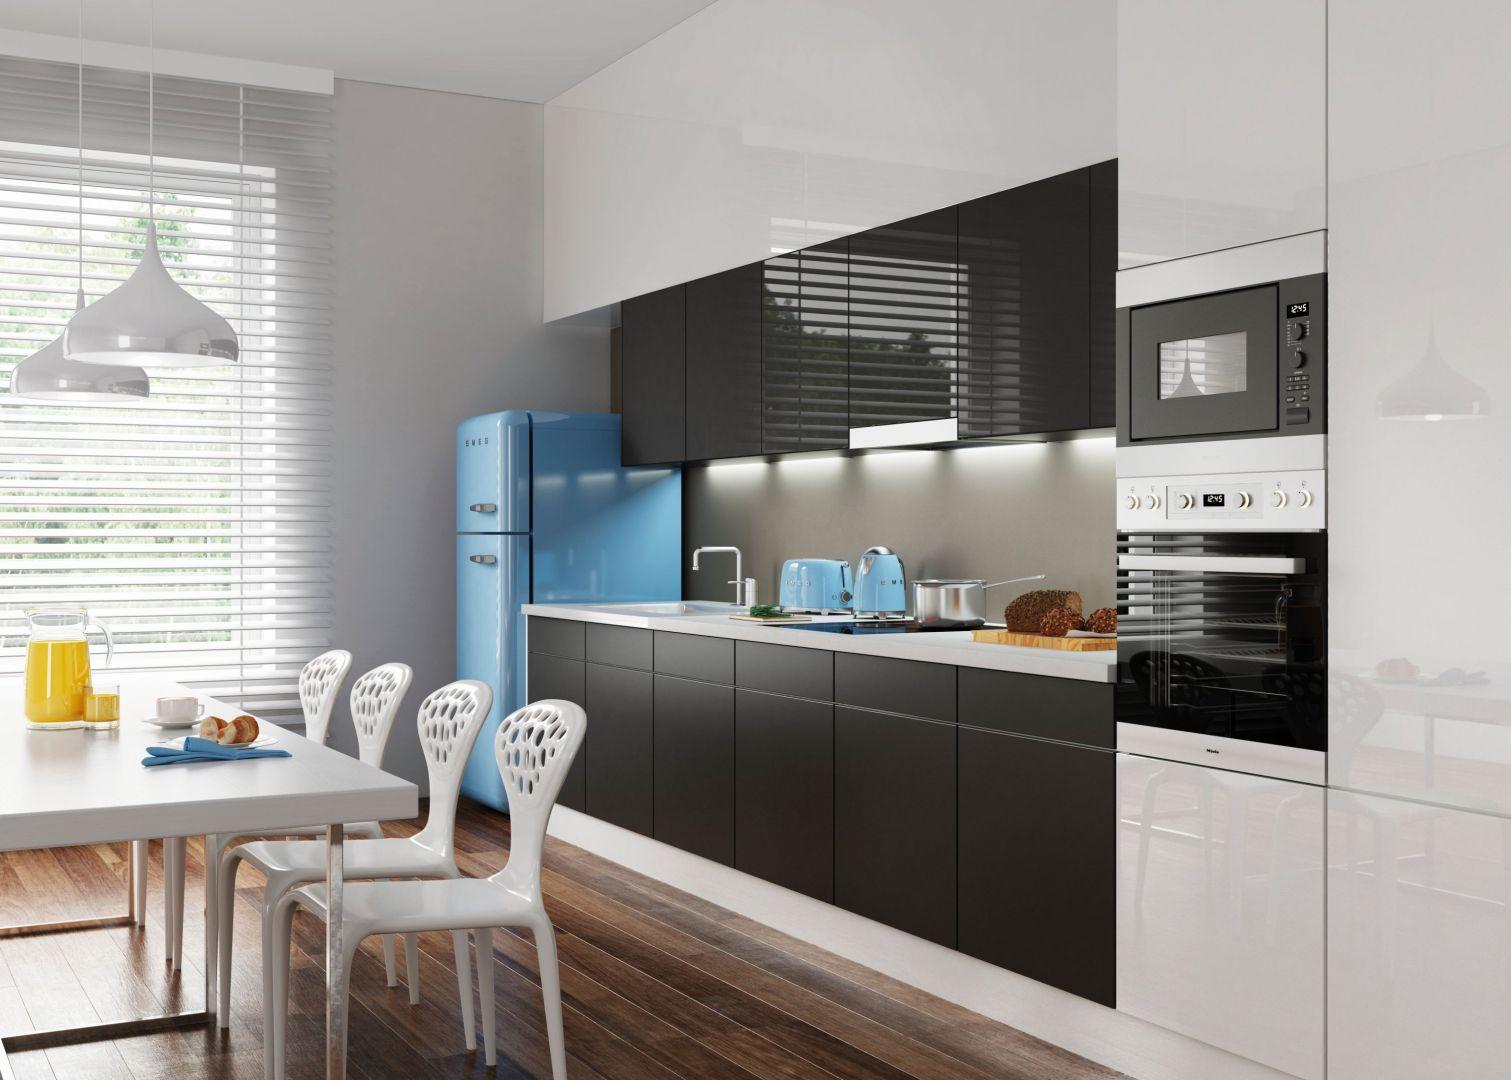 Kuchnia z frontami wykonanymi z  kolorowego szkła. Na zdjęciu szkło Colorimo Sati. Fot. Mochnik